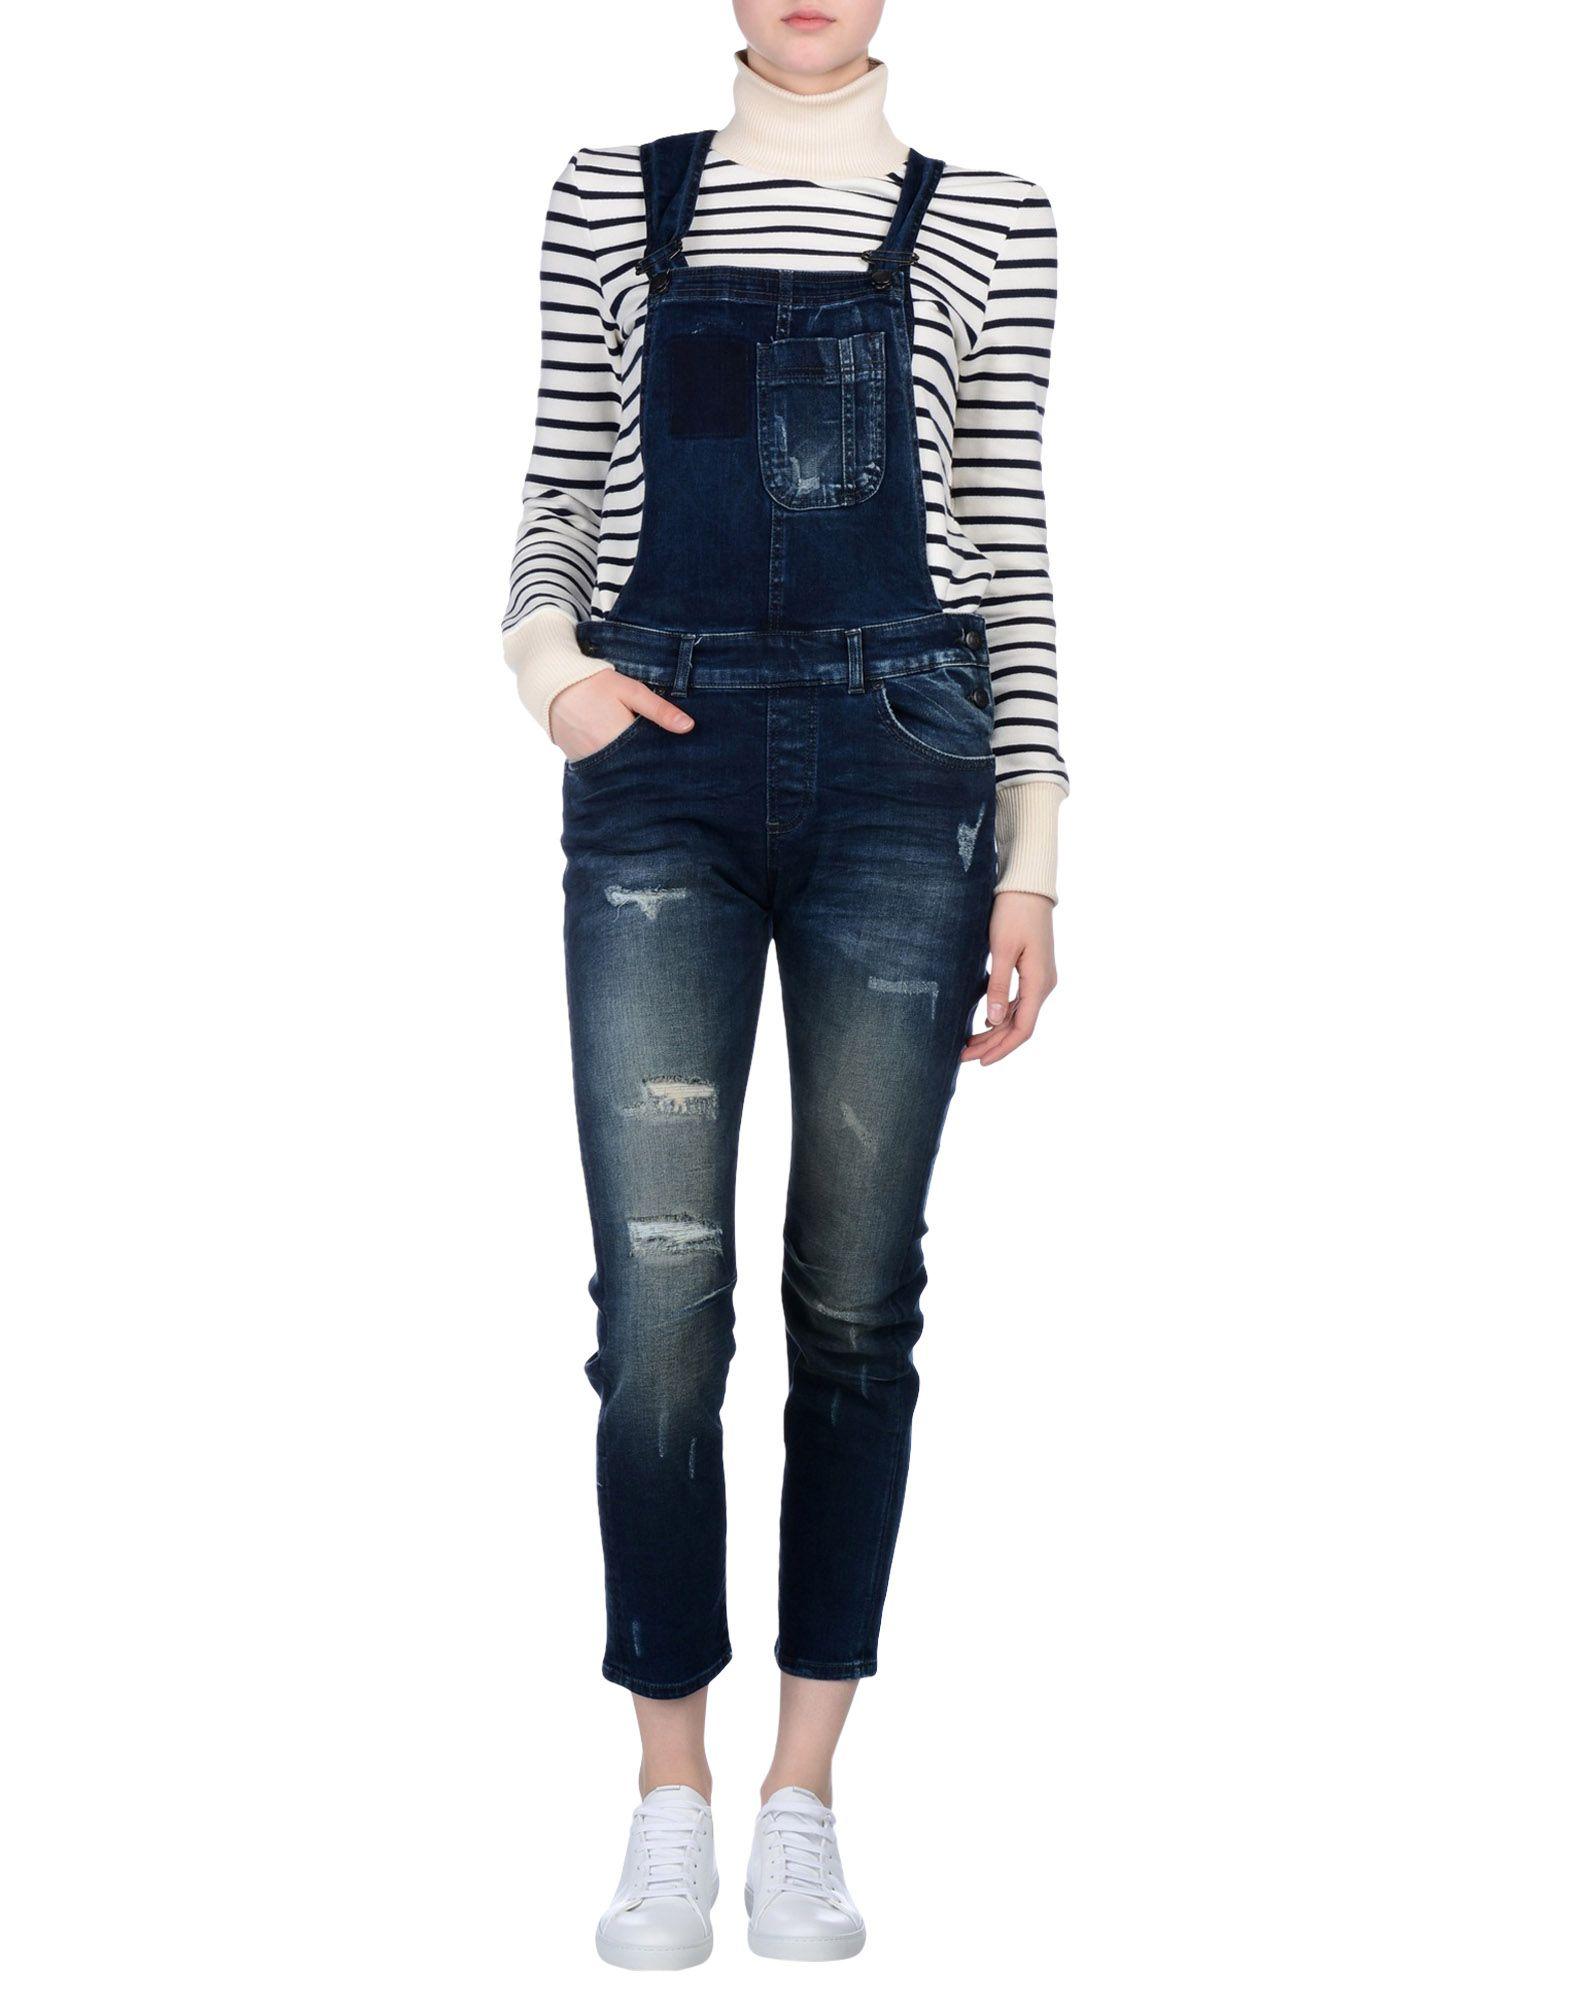 LTB Damen Langer Overall Farbe Blau Größe 5